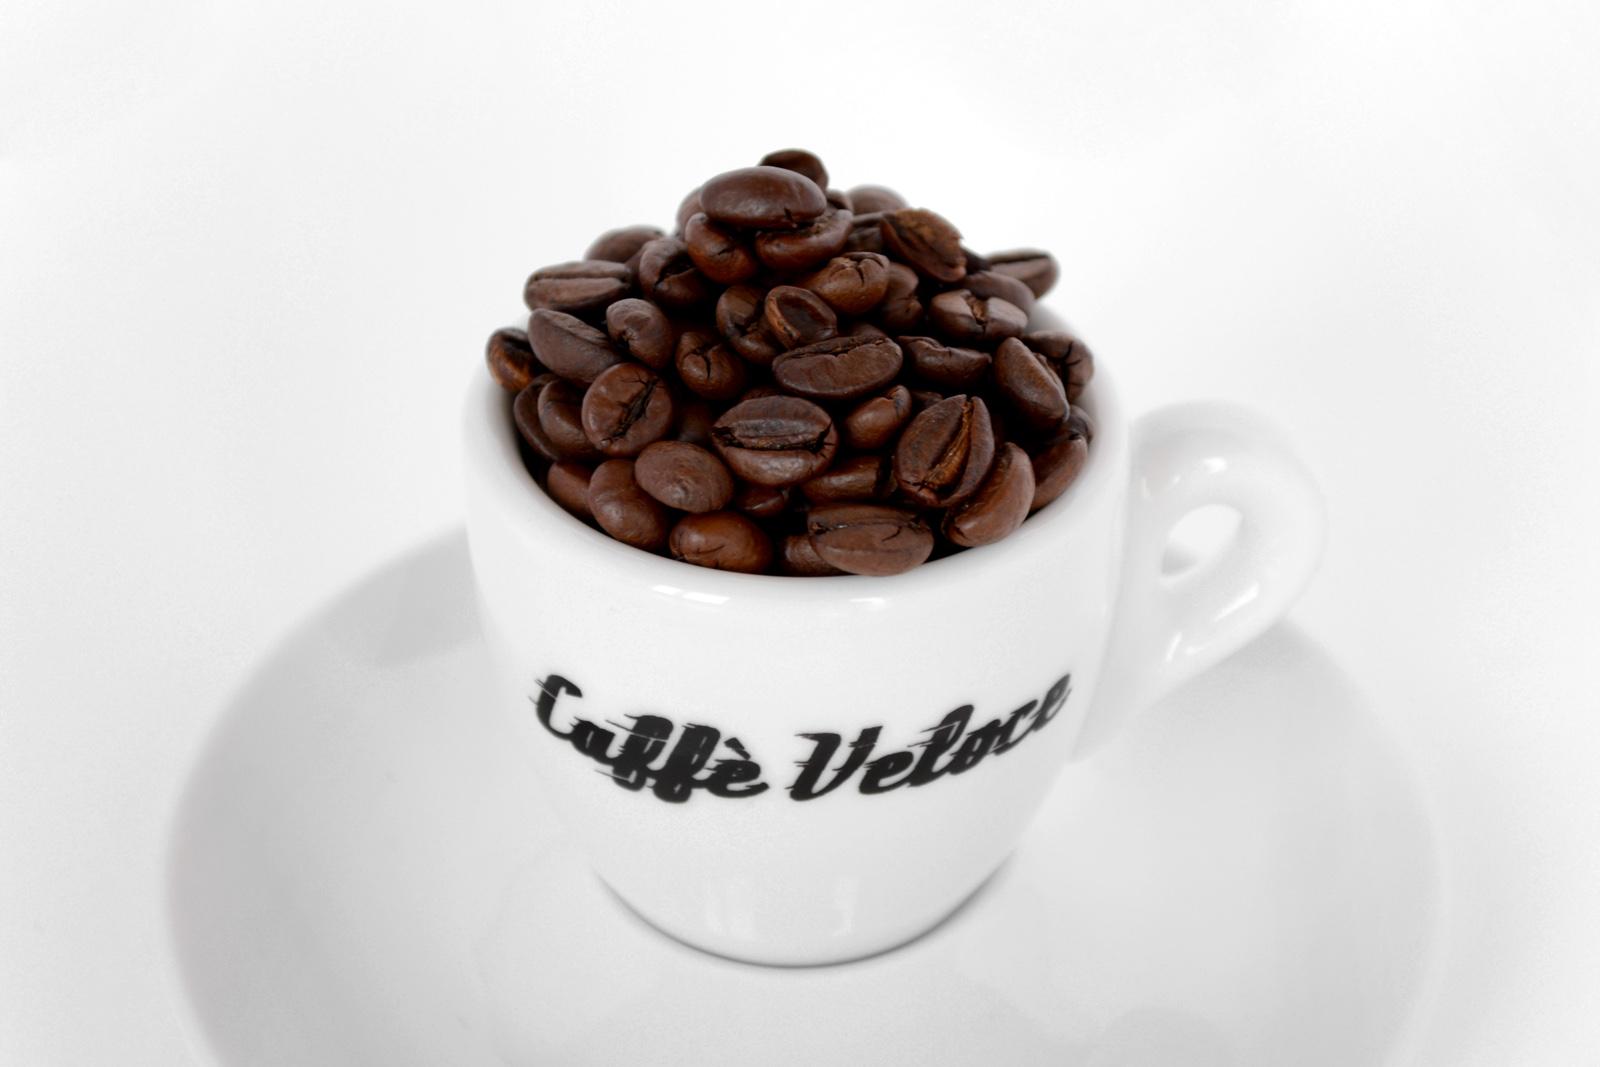 Espresso Cup - Tazza caffè con chicchi caffè